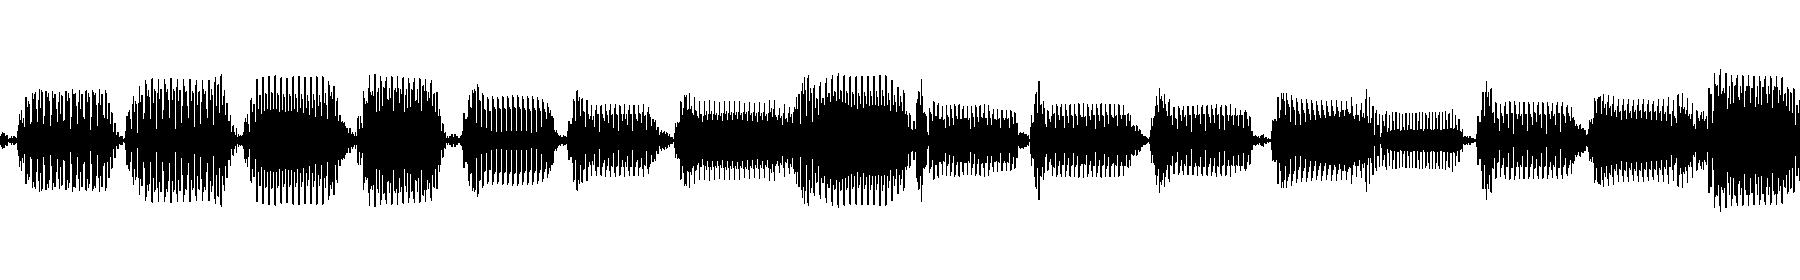 blbc jazzyripper 130 d